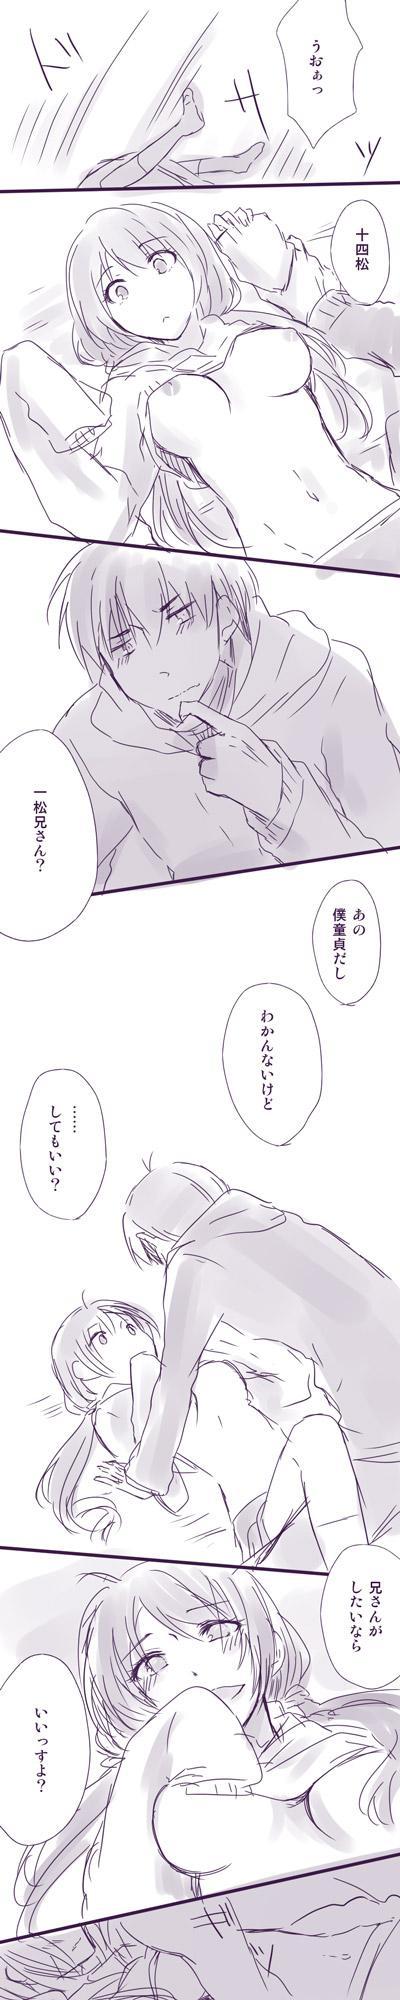 [Souko] Ichimatsu Nii-san to Juushimatsu-chan ♀ (Osomatsu-san) 3